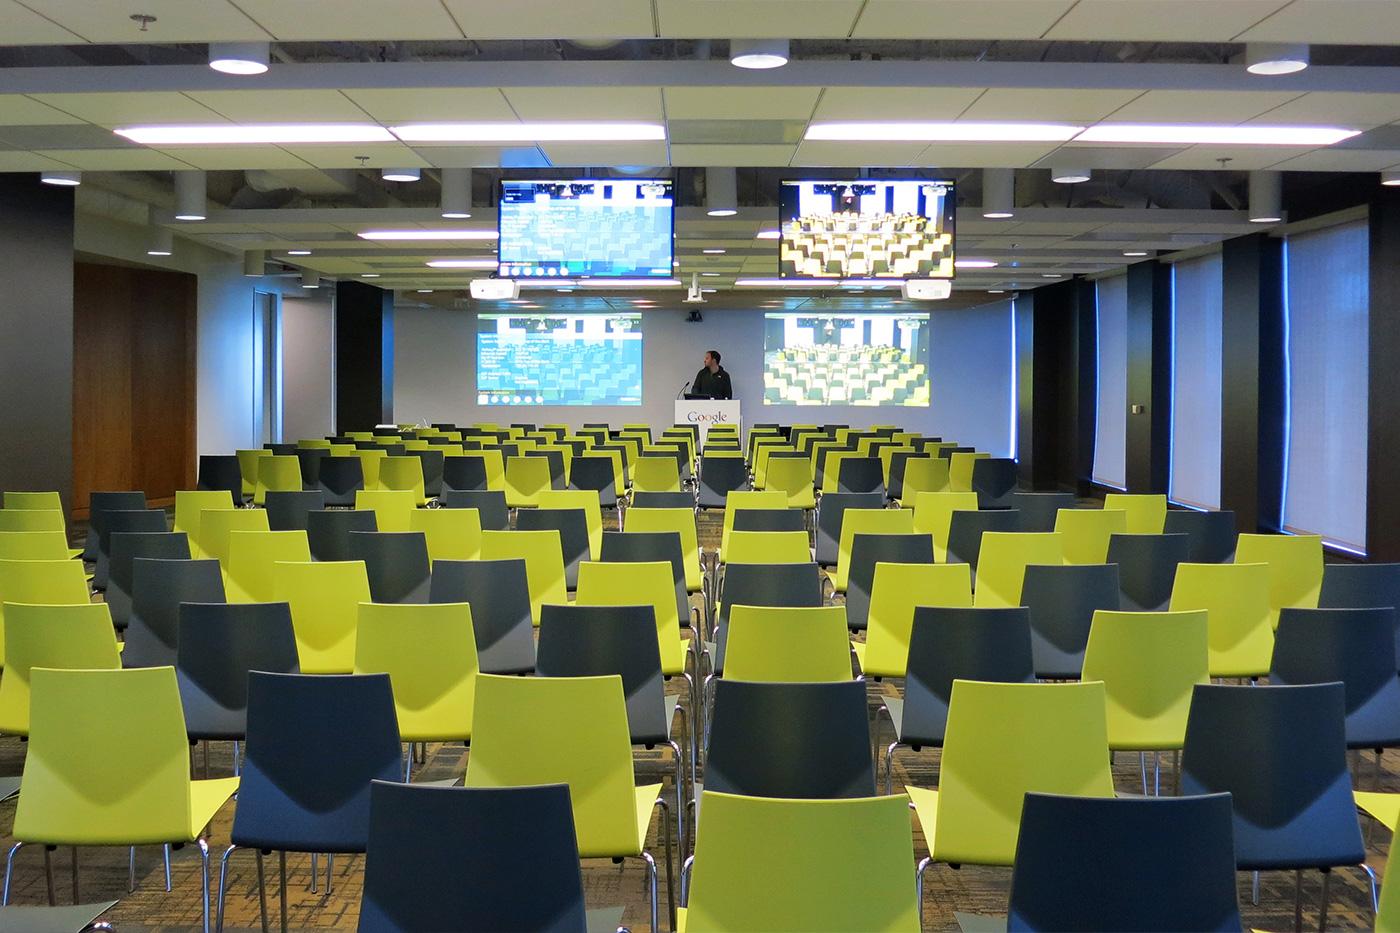 google_campus_san_francisco_11